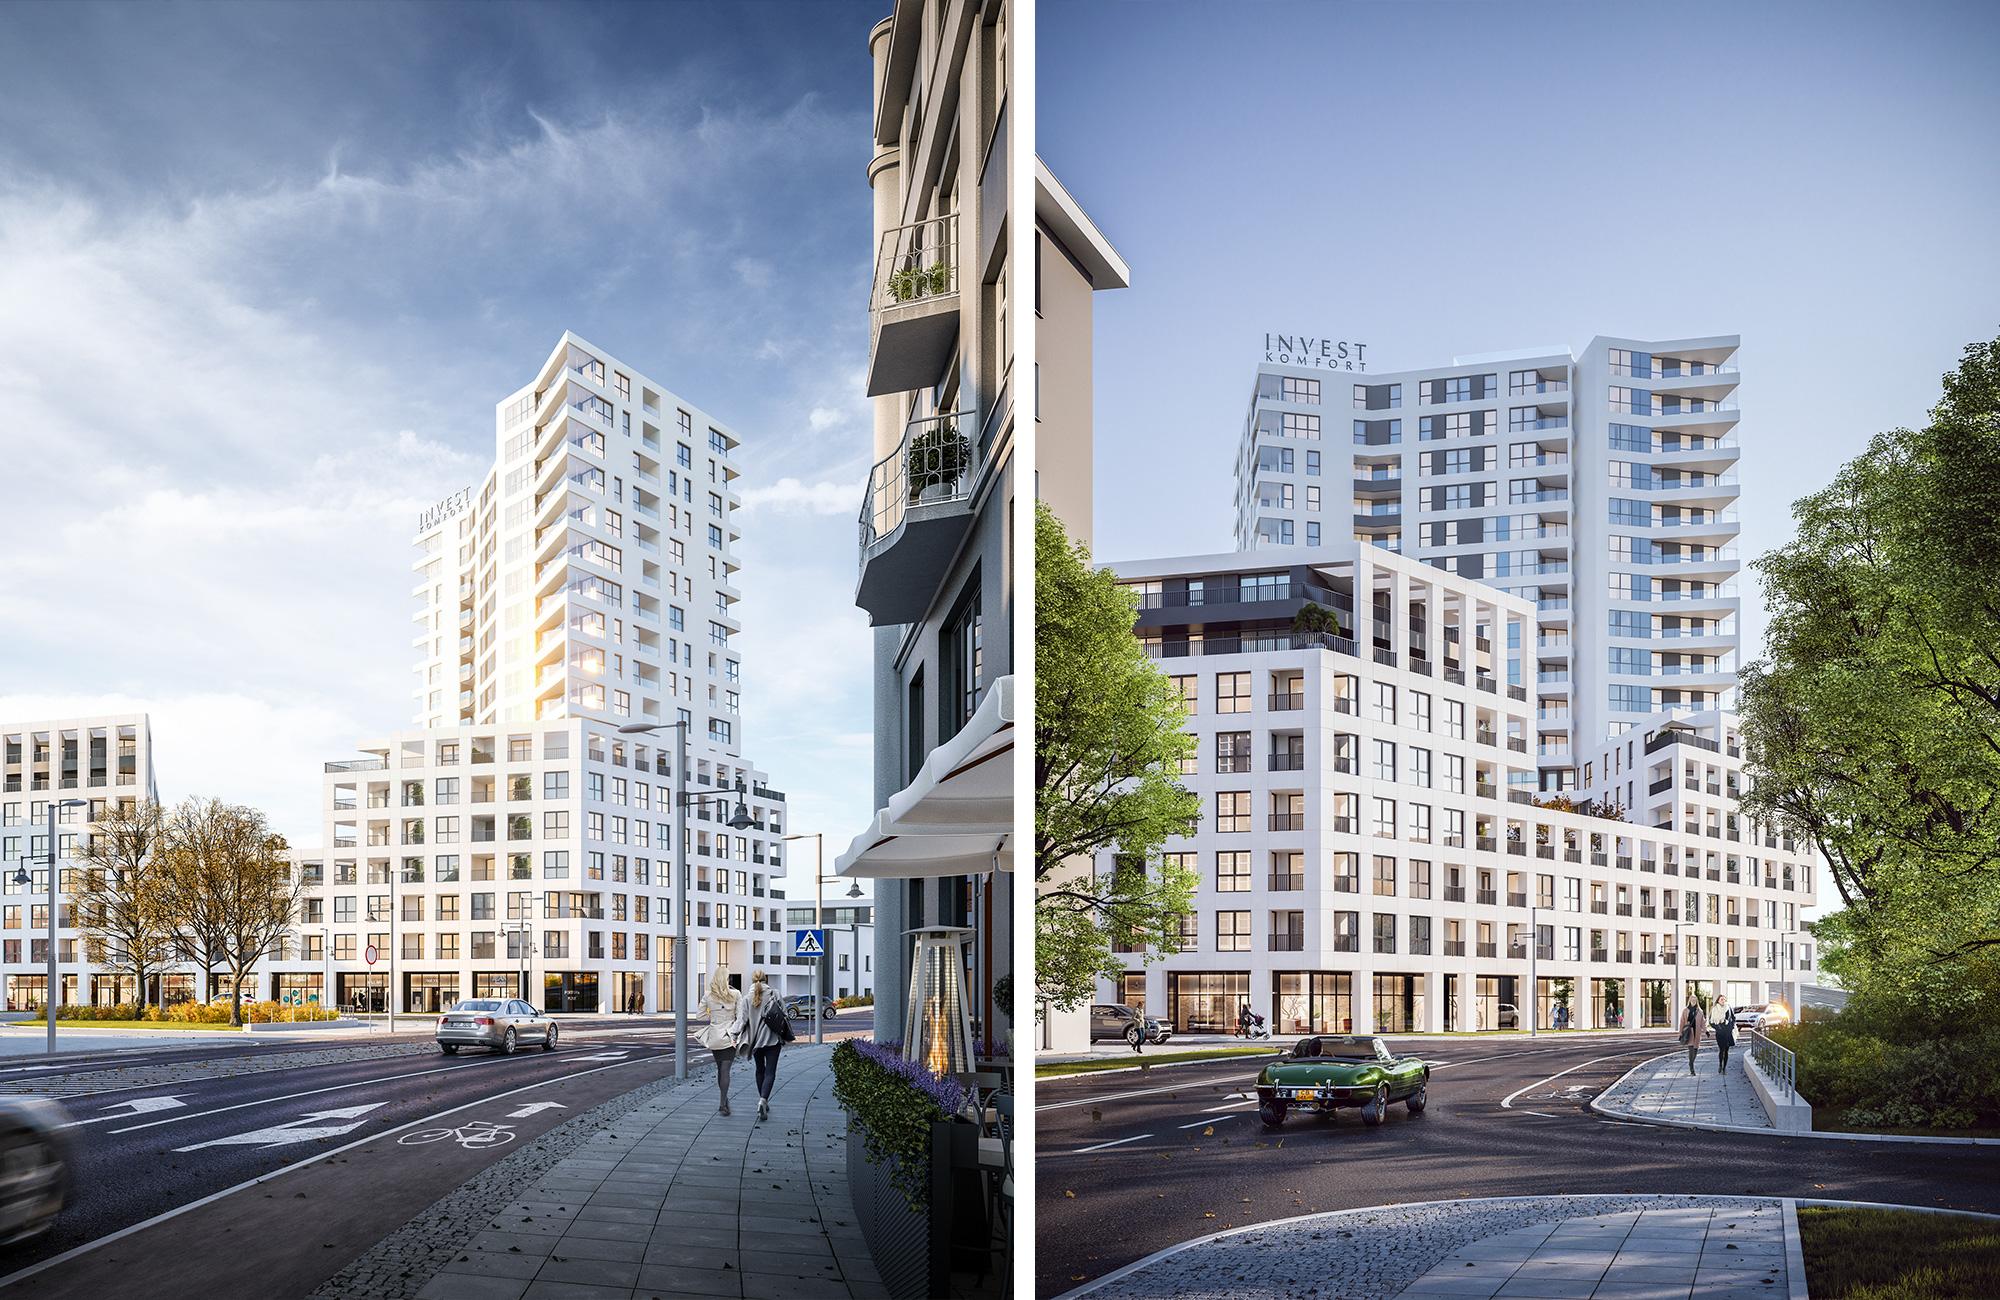 Portova nawiązuje prostymi i geometrycznymi formami do modernistycznych tradycji Gdyni, fot. materiały prasowe